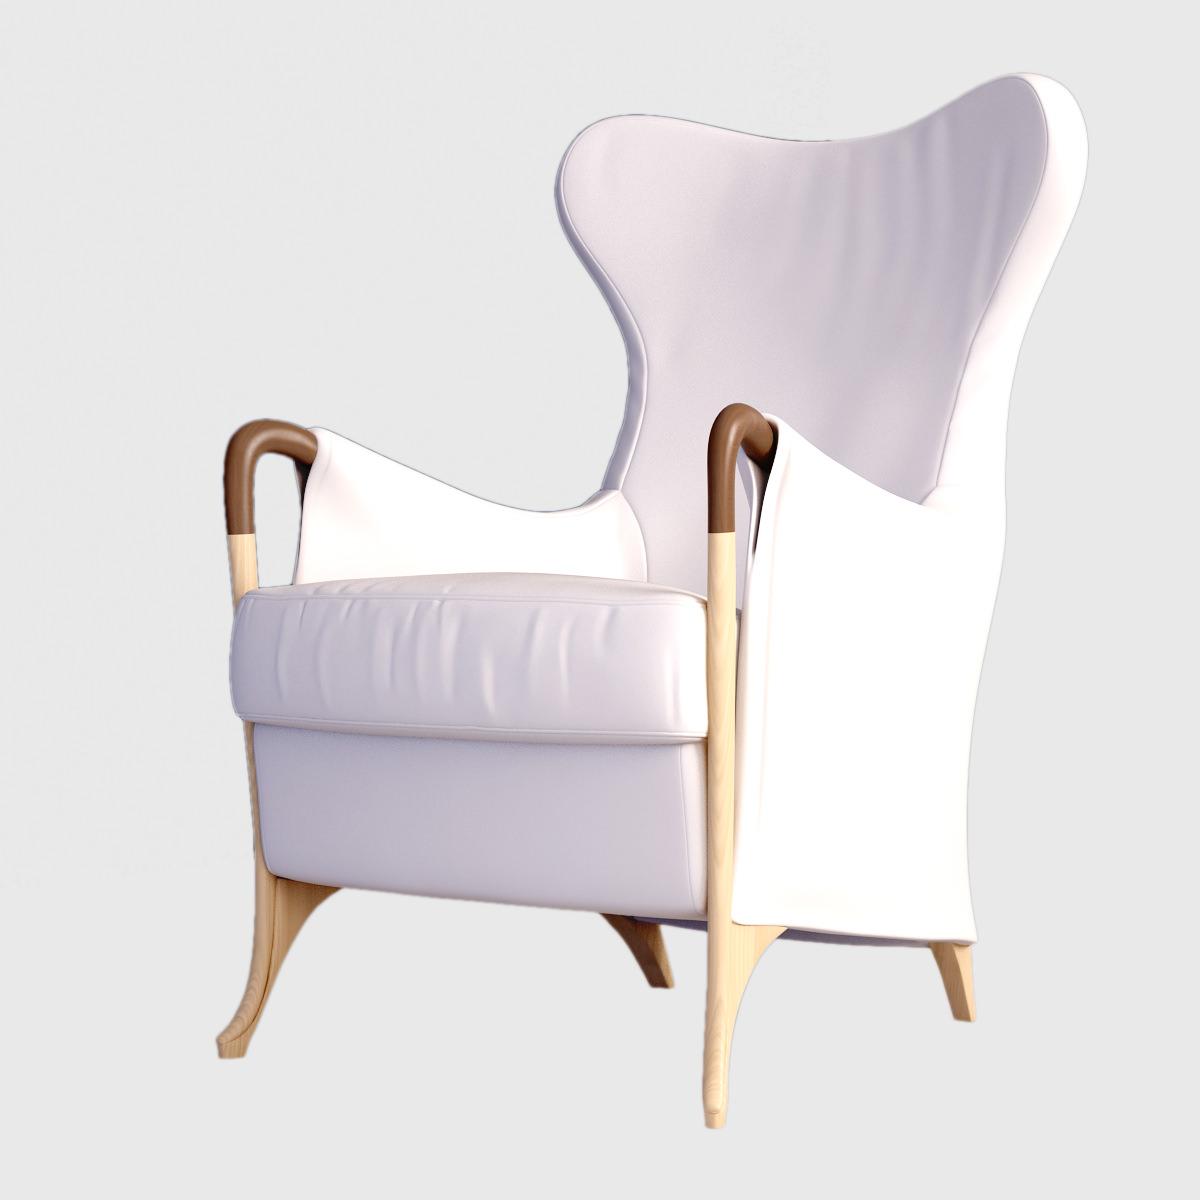 Giorgetti progetti armchair 2013 3d model max for Model furniture